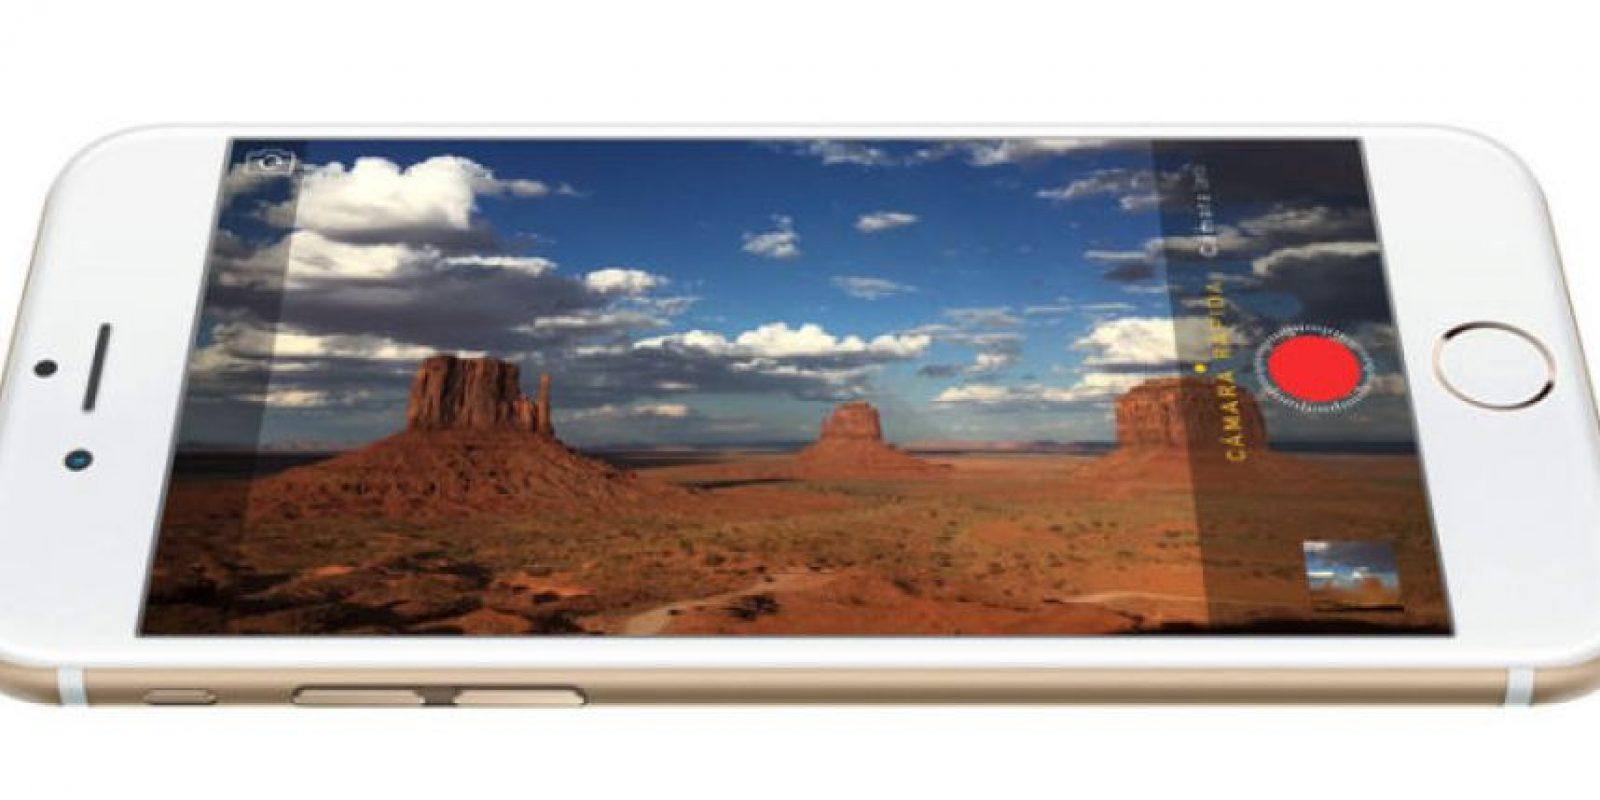 El iPhone 6 cuenta con una pantalla de 4.7 pulgas, mientras que el iPhone 6 Plus una de 5.5 pulgadas. Foto:Apple